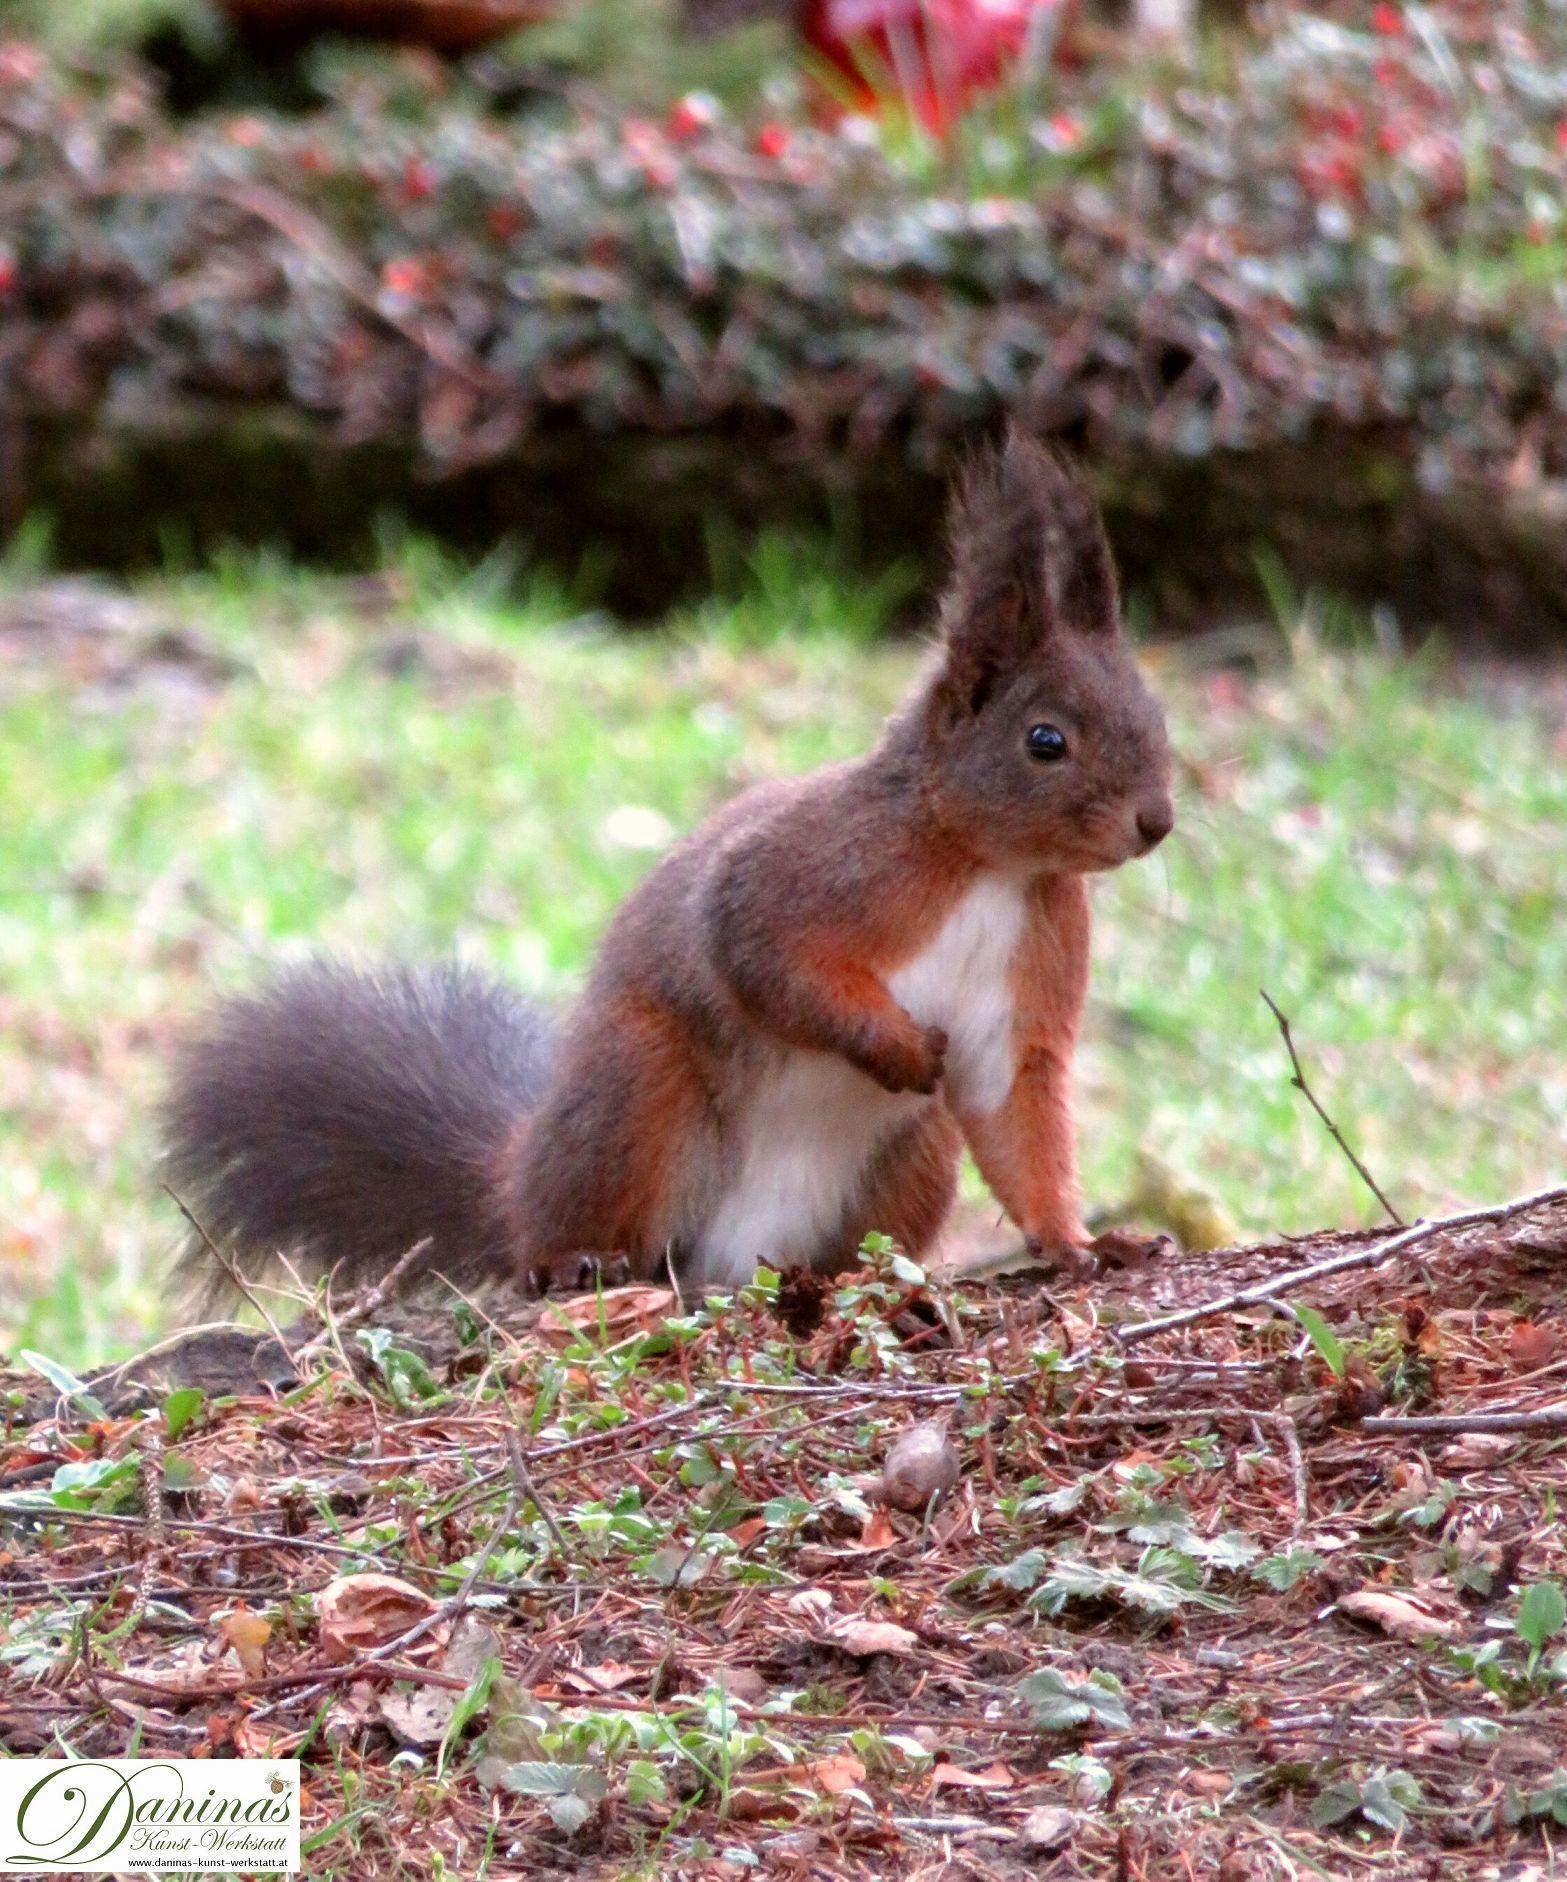 Entzückendes Eichhörnchen auf Nahrungssuche im herbstlichen Garten.